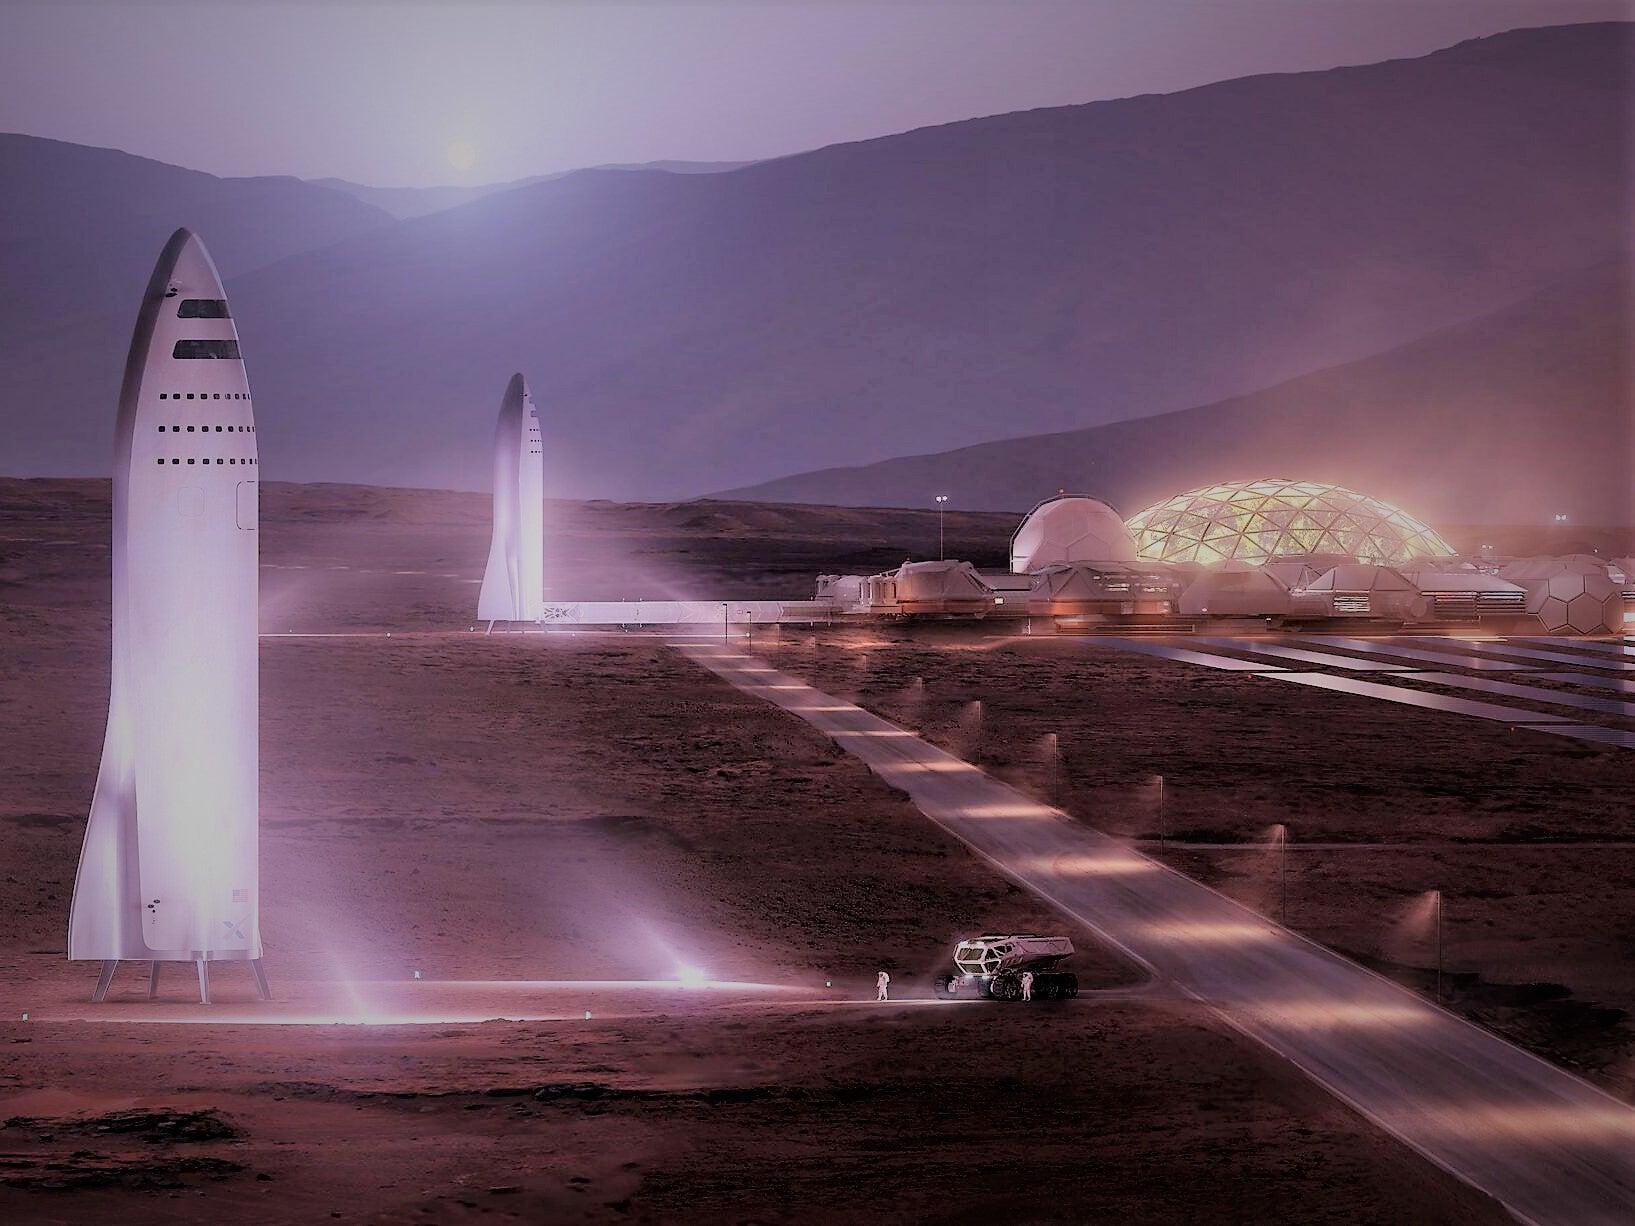 ایلان ماسک از پایهریزی اقتصاد مریخ بر مبنای رمزارزها میگوید